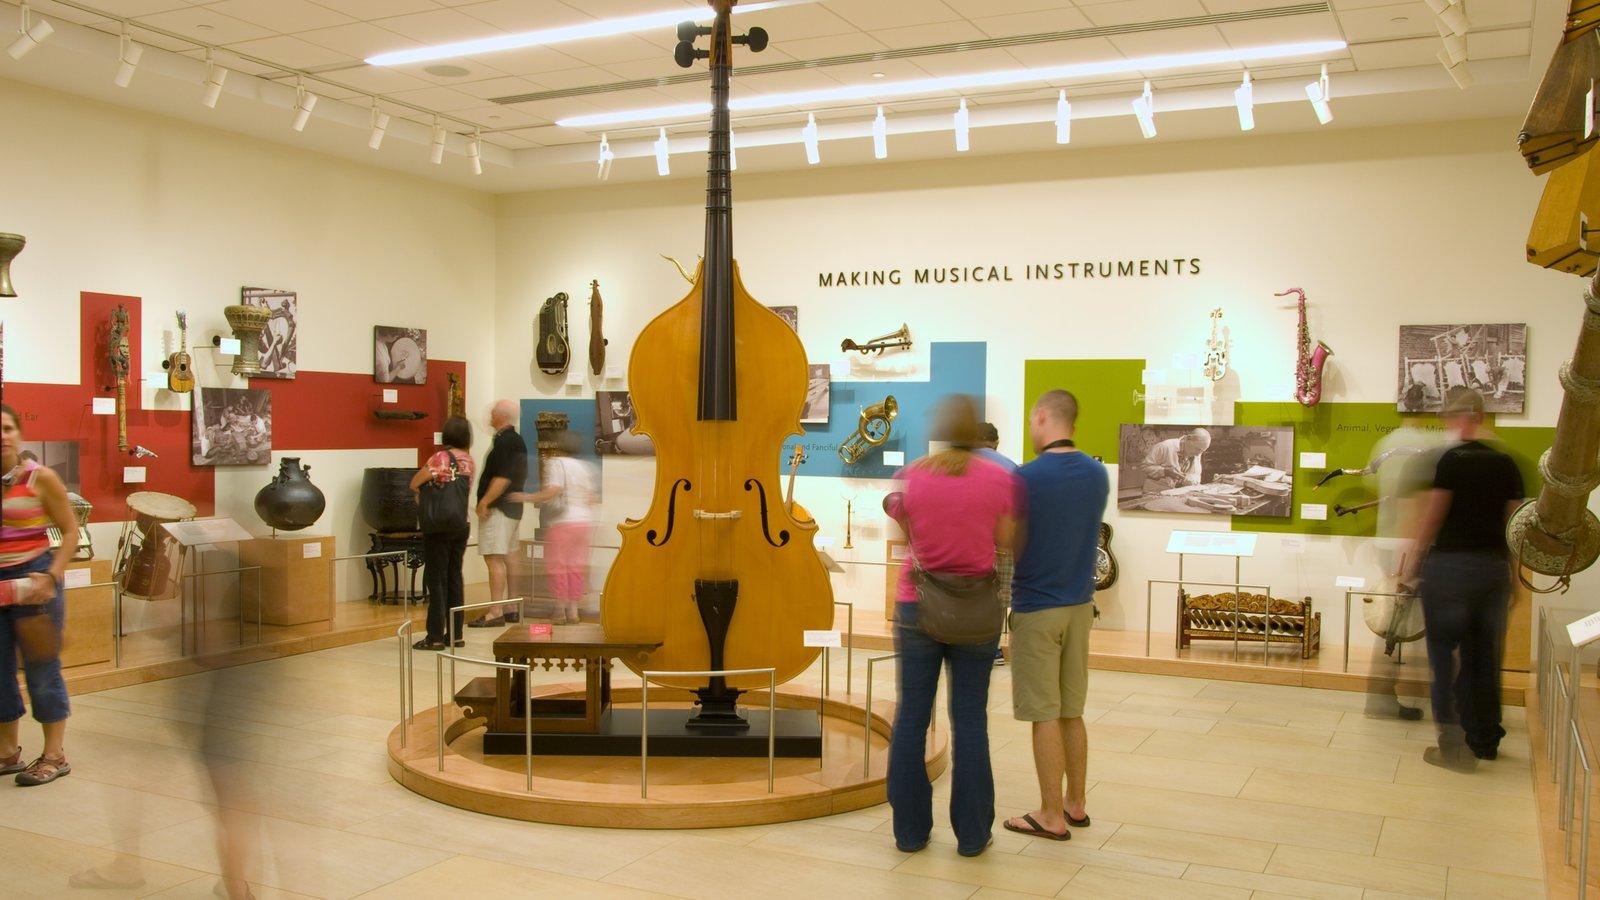 Museu dos Instrumentos Musicais que inclui vistas internas assim como um pequeno grupo de pessoas